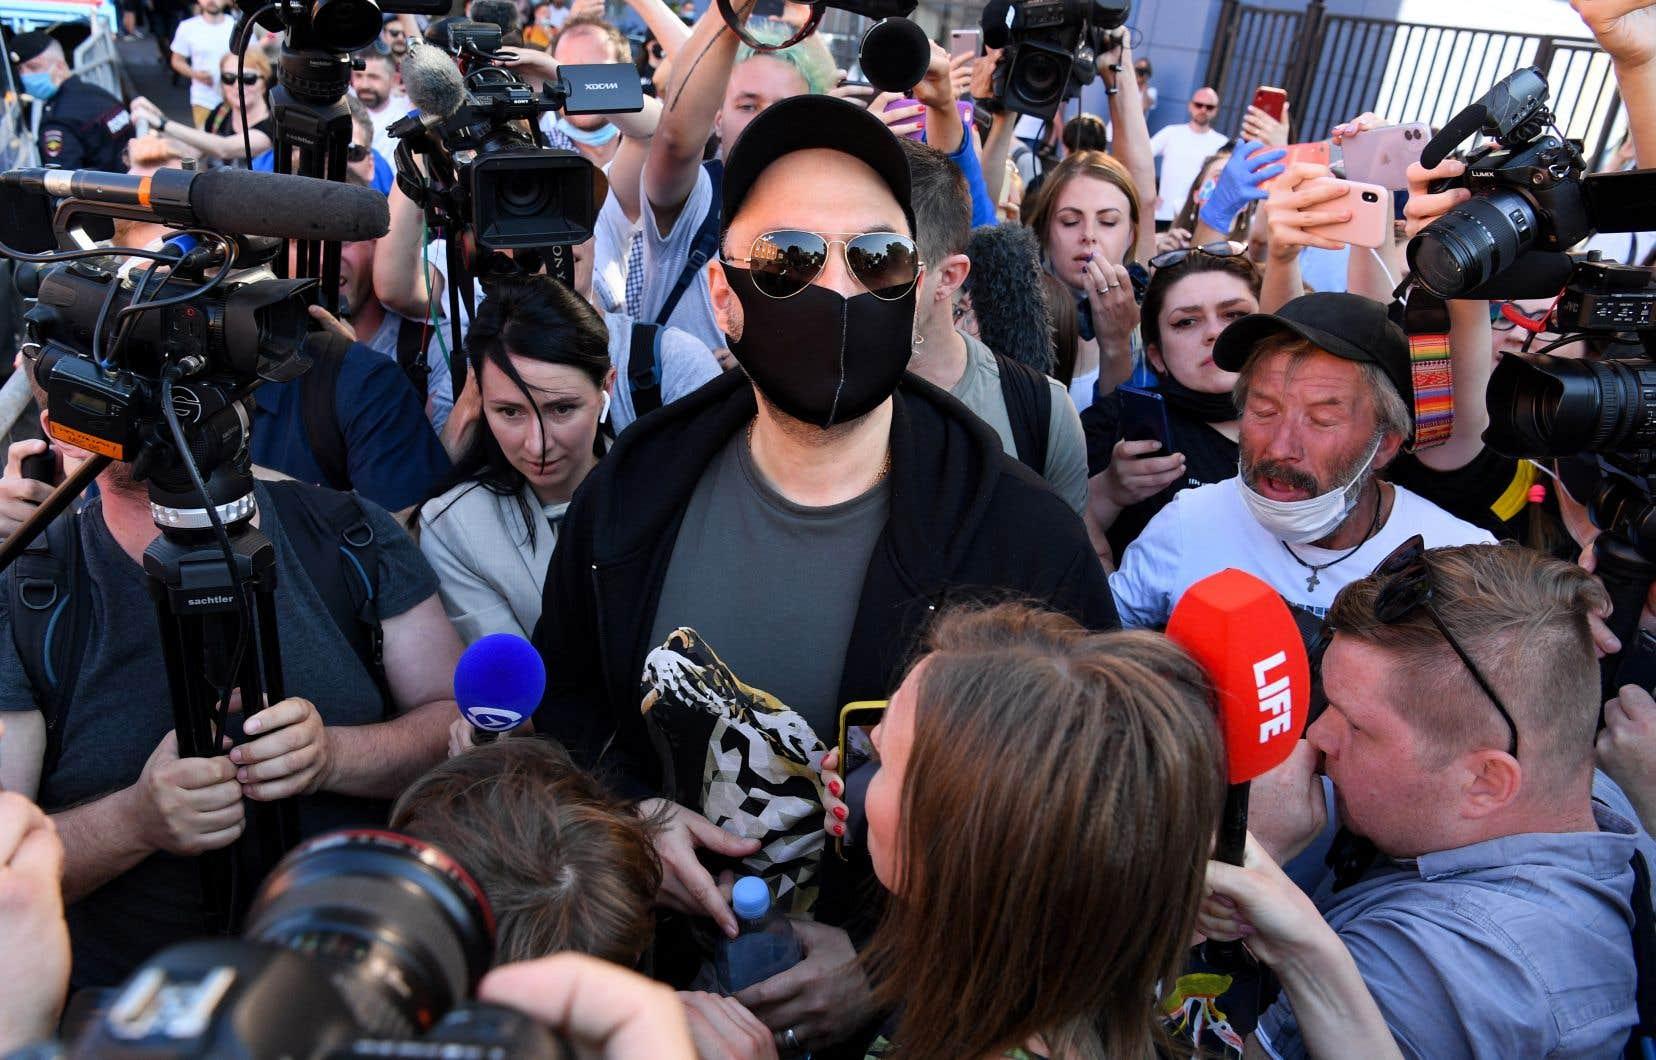 Kirill Serebrennikov été condamné fin juin 2020 à trois ans de prison avec sursis et à une amende dans une affaire de détournement de subventions publiques qu'il conteste.